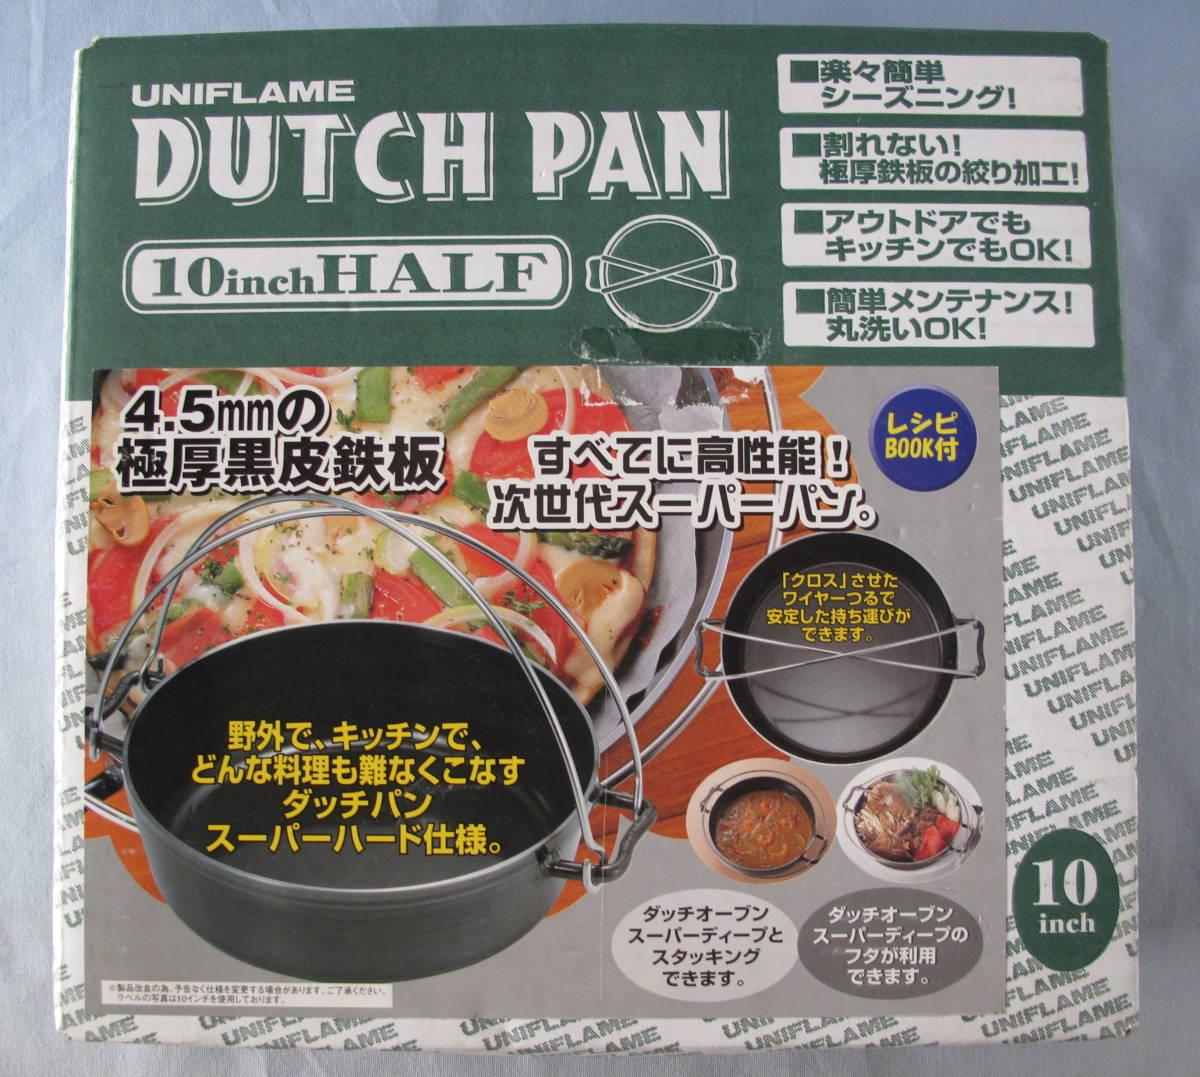 ユニフレーム ダッチパン10インチハーフ ダッチオーブン 4.5mm厚 IH使用可